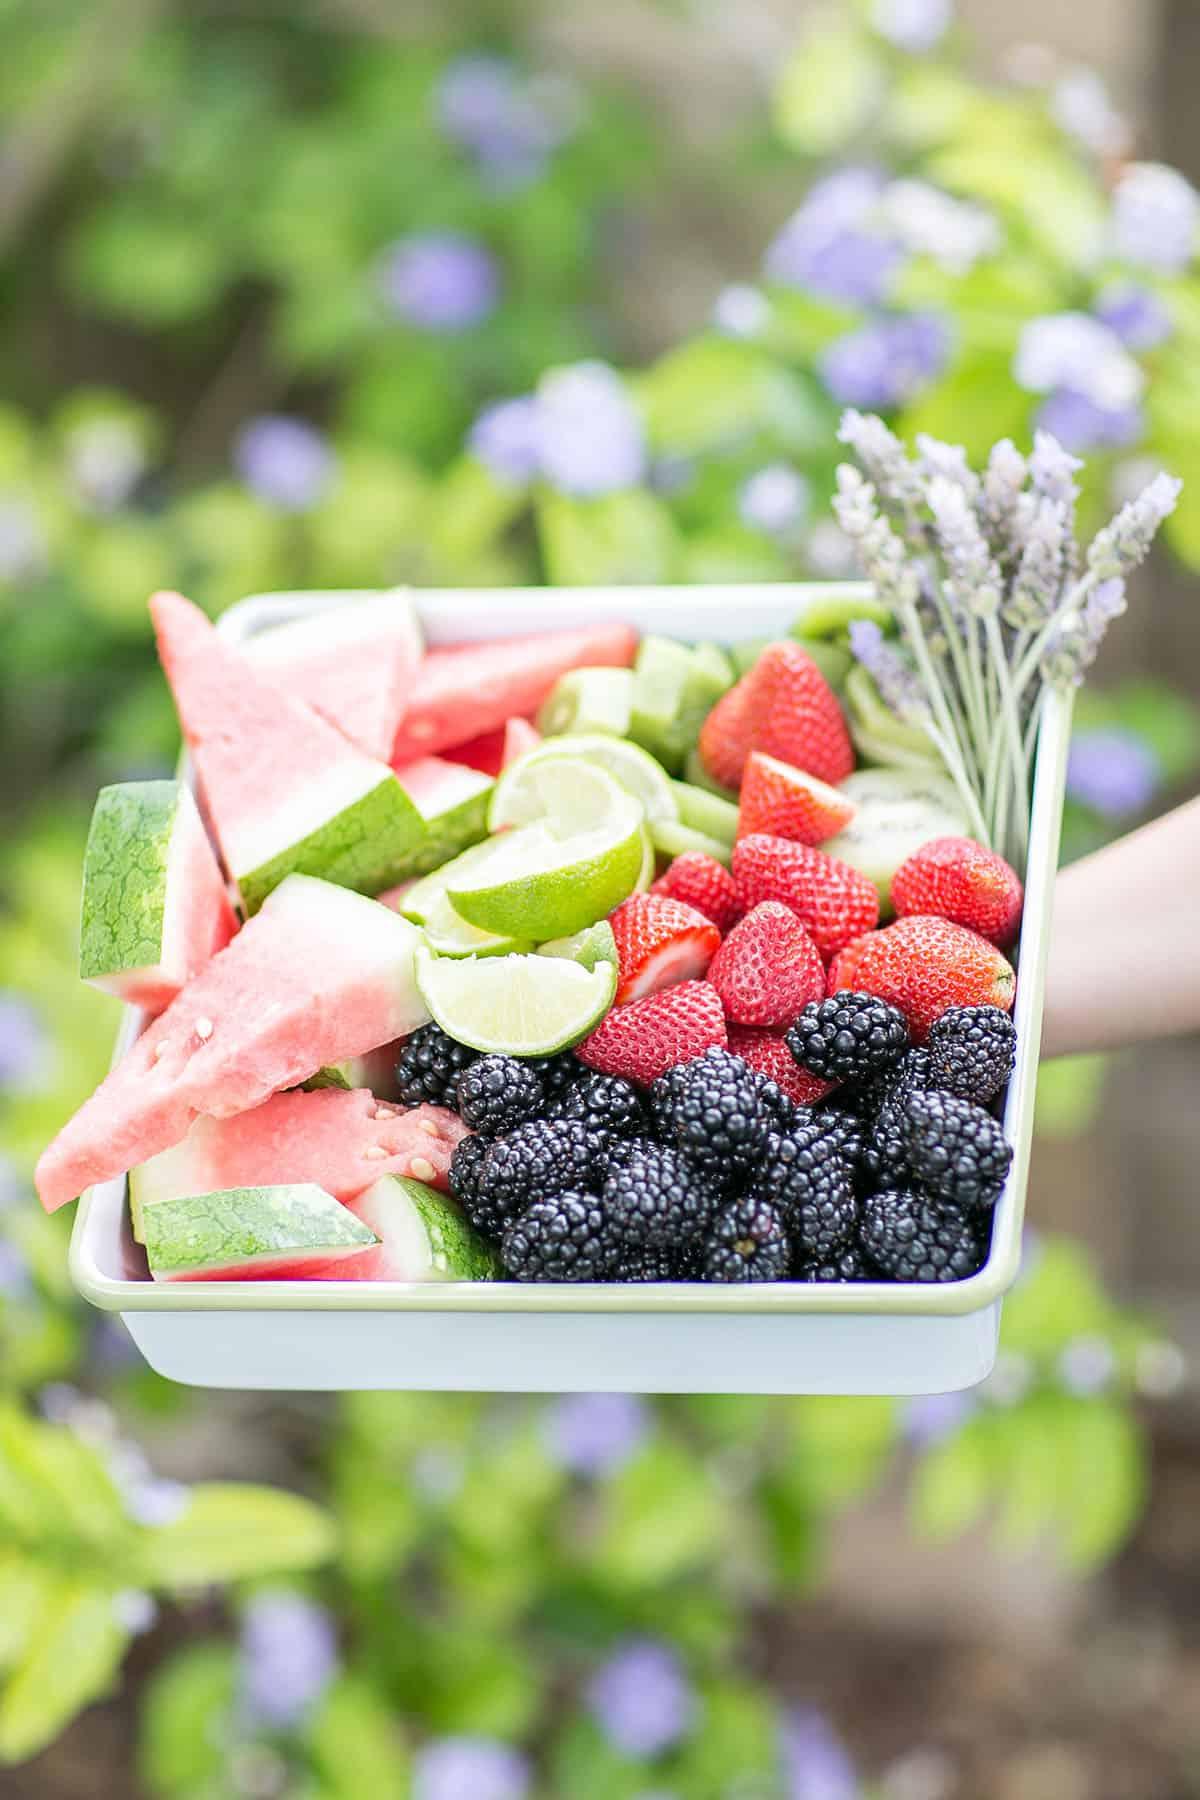 fruit sliced for an agua fresca bar